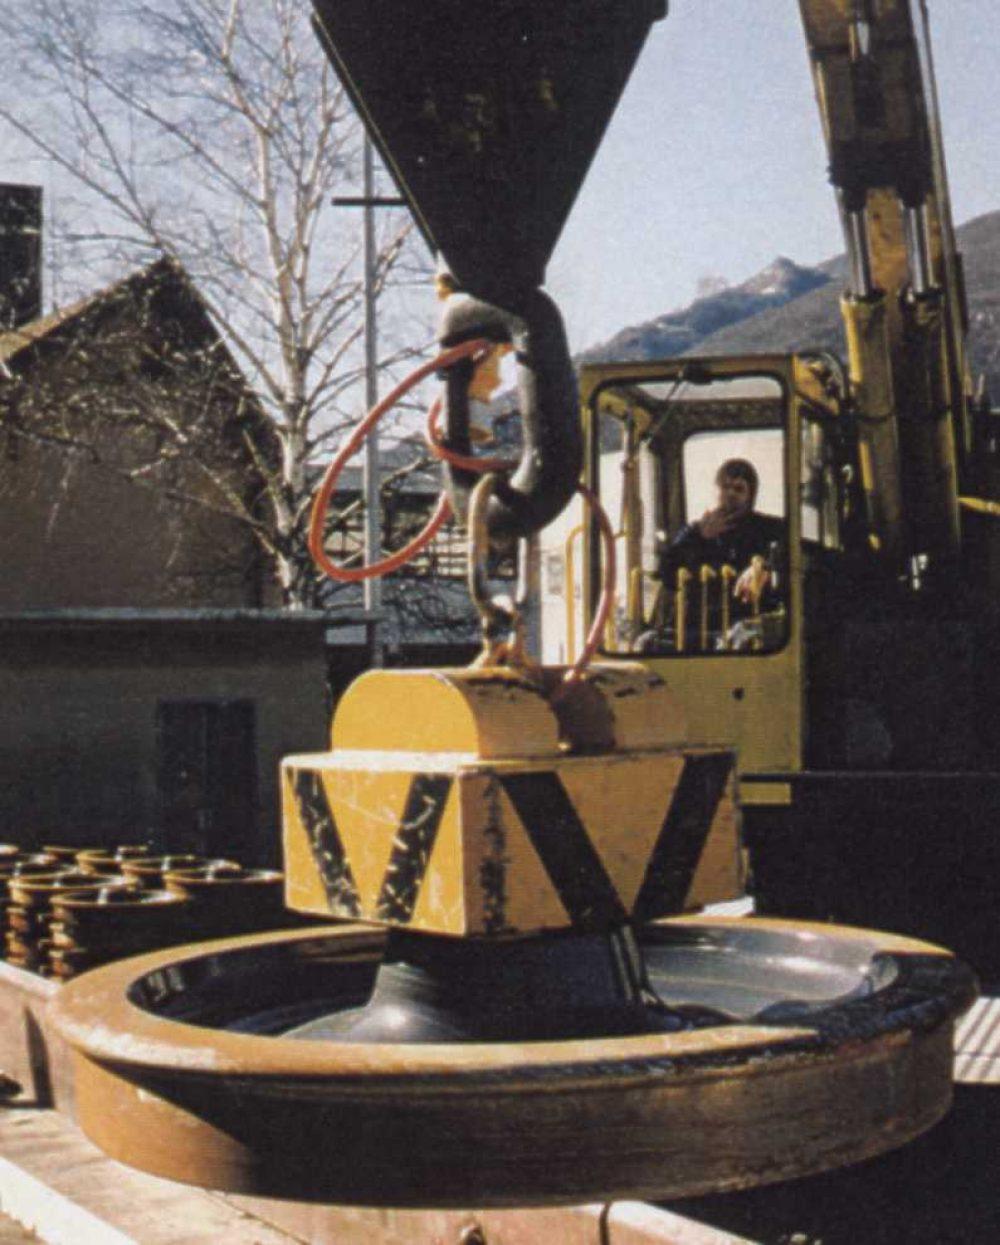 Truninger Rail Wheels